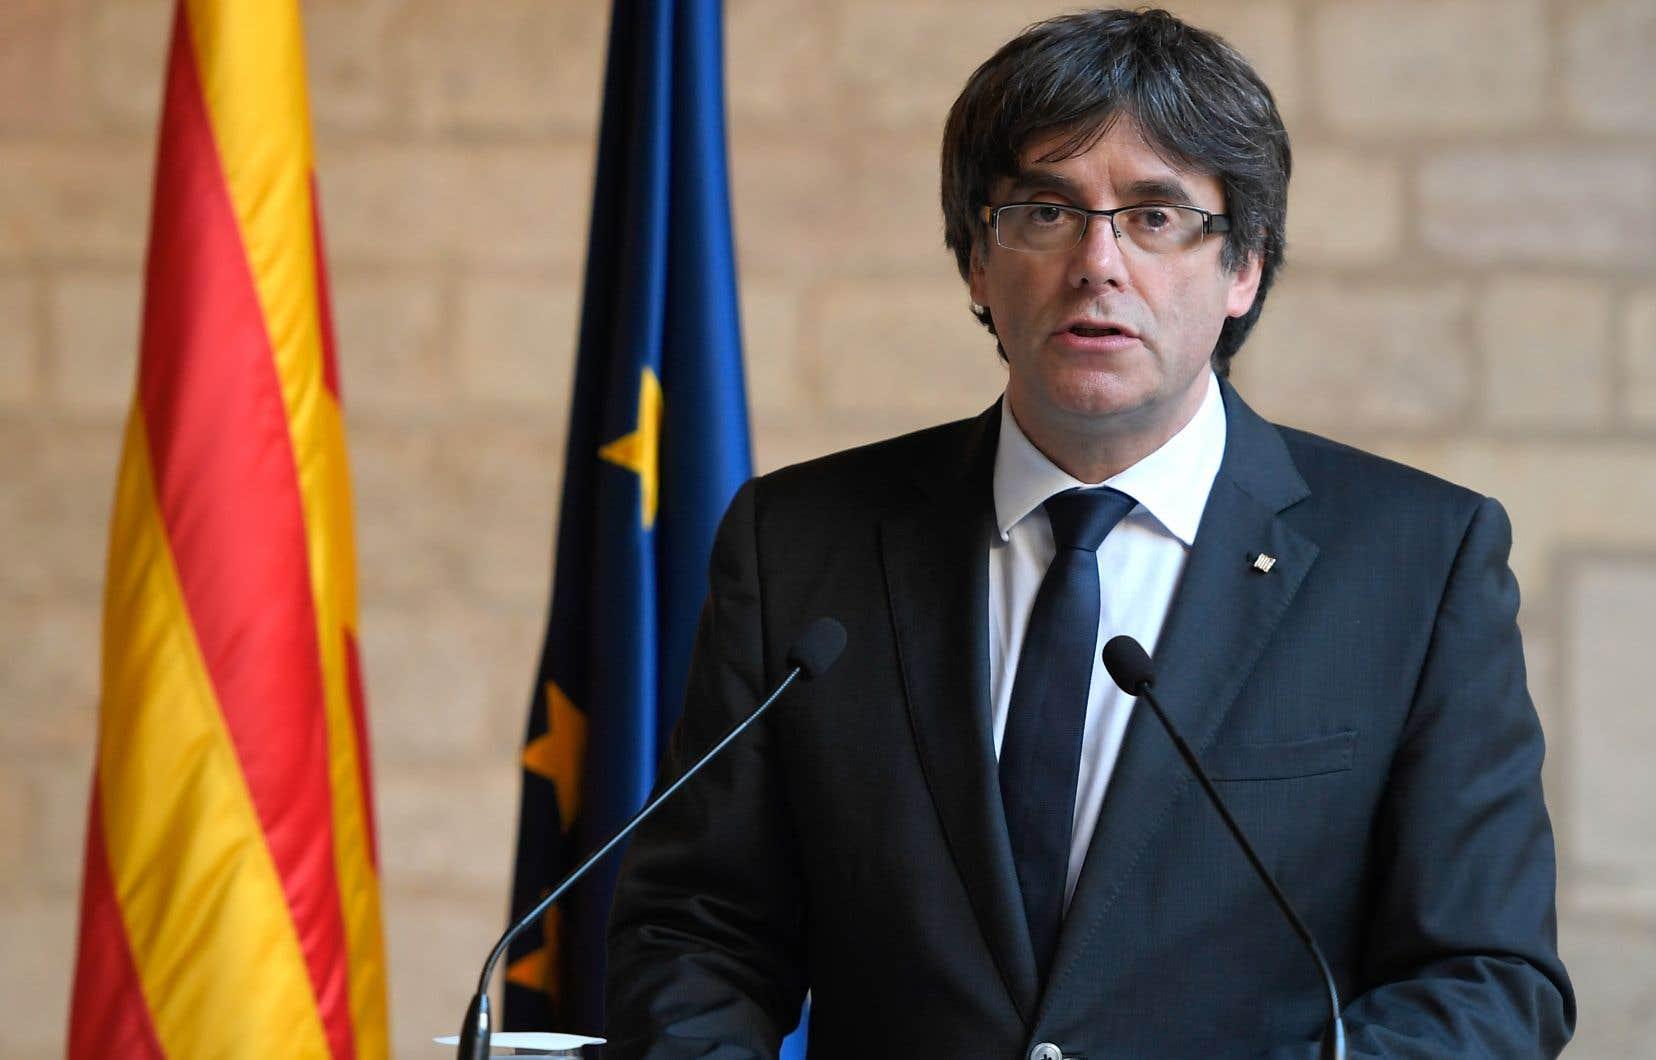 Carles Puigdemont et les quatre membres du gouvernement catalan déchu se sont rendus d'eux-mêmes au siège de la police fédérale dimanche